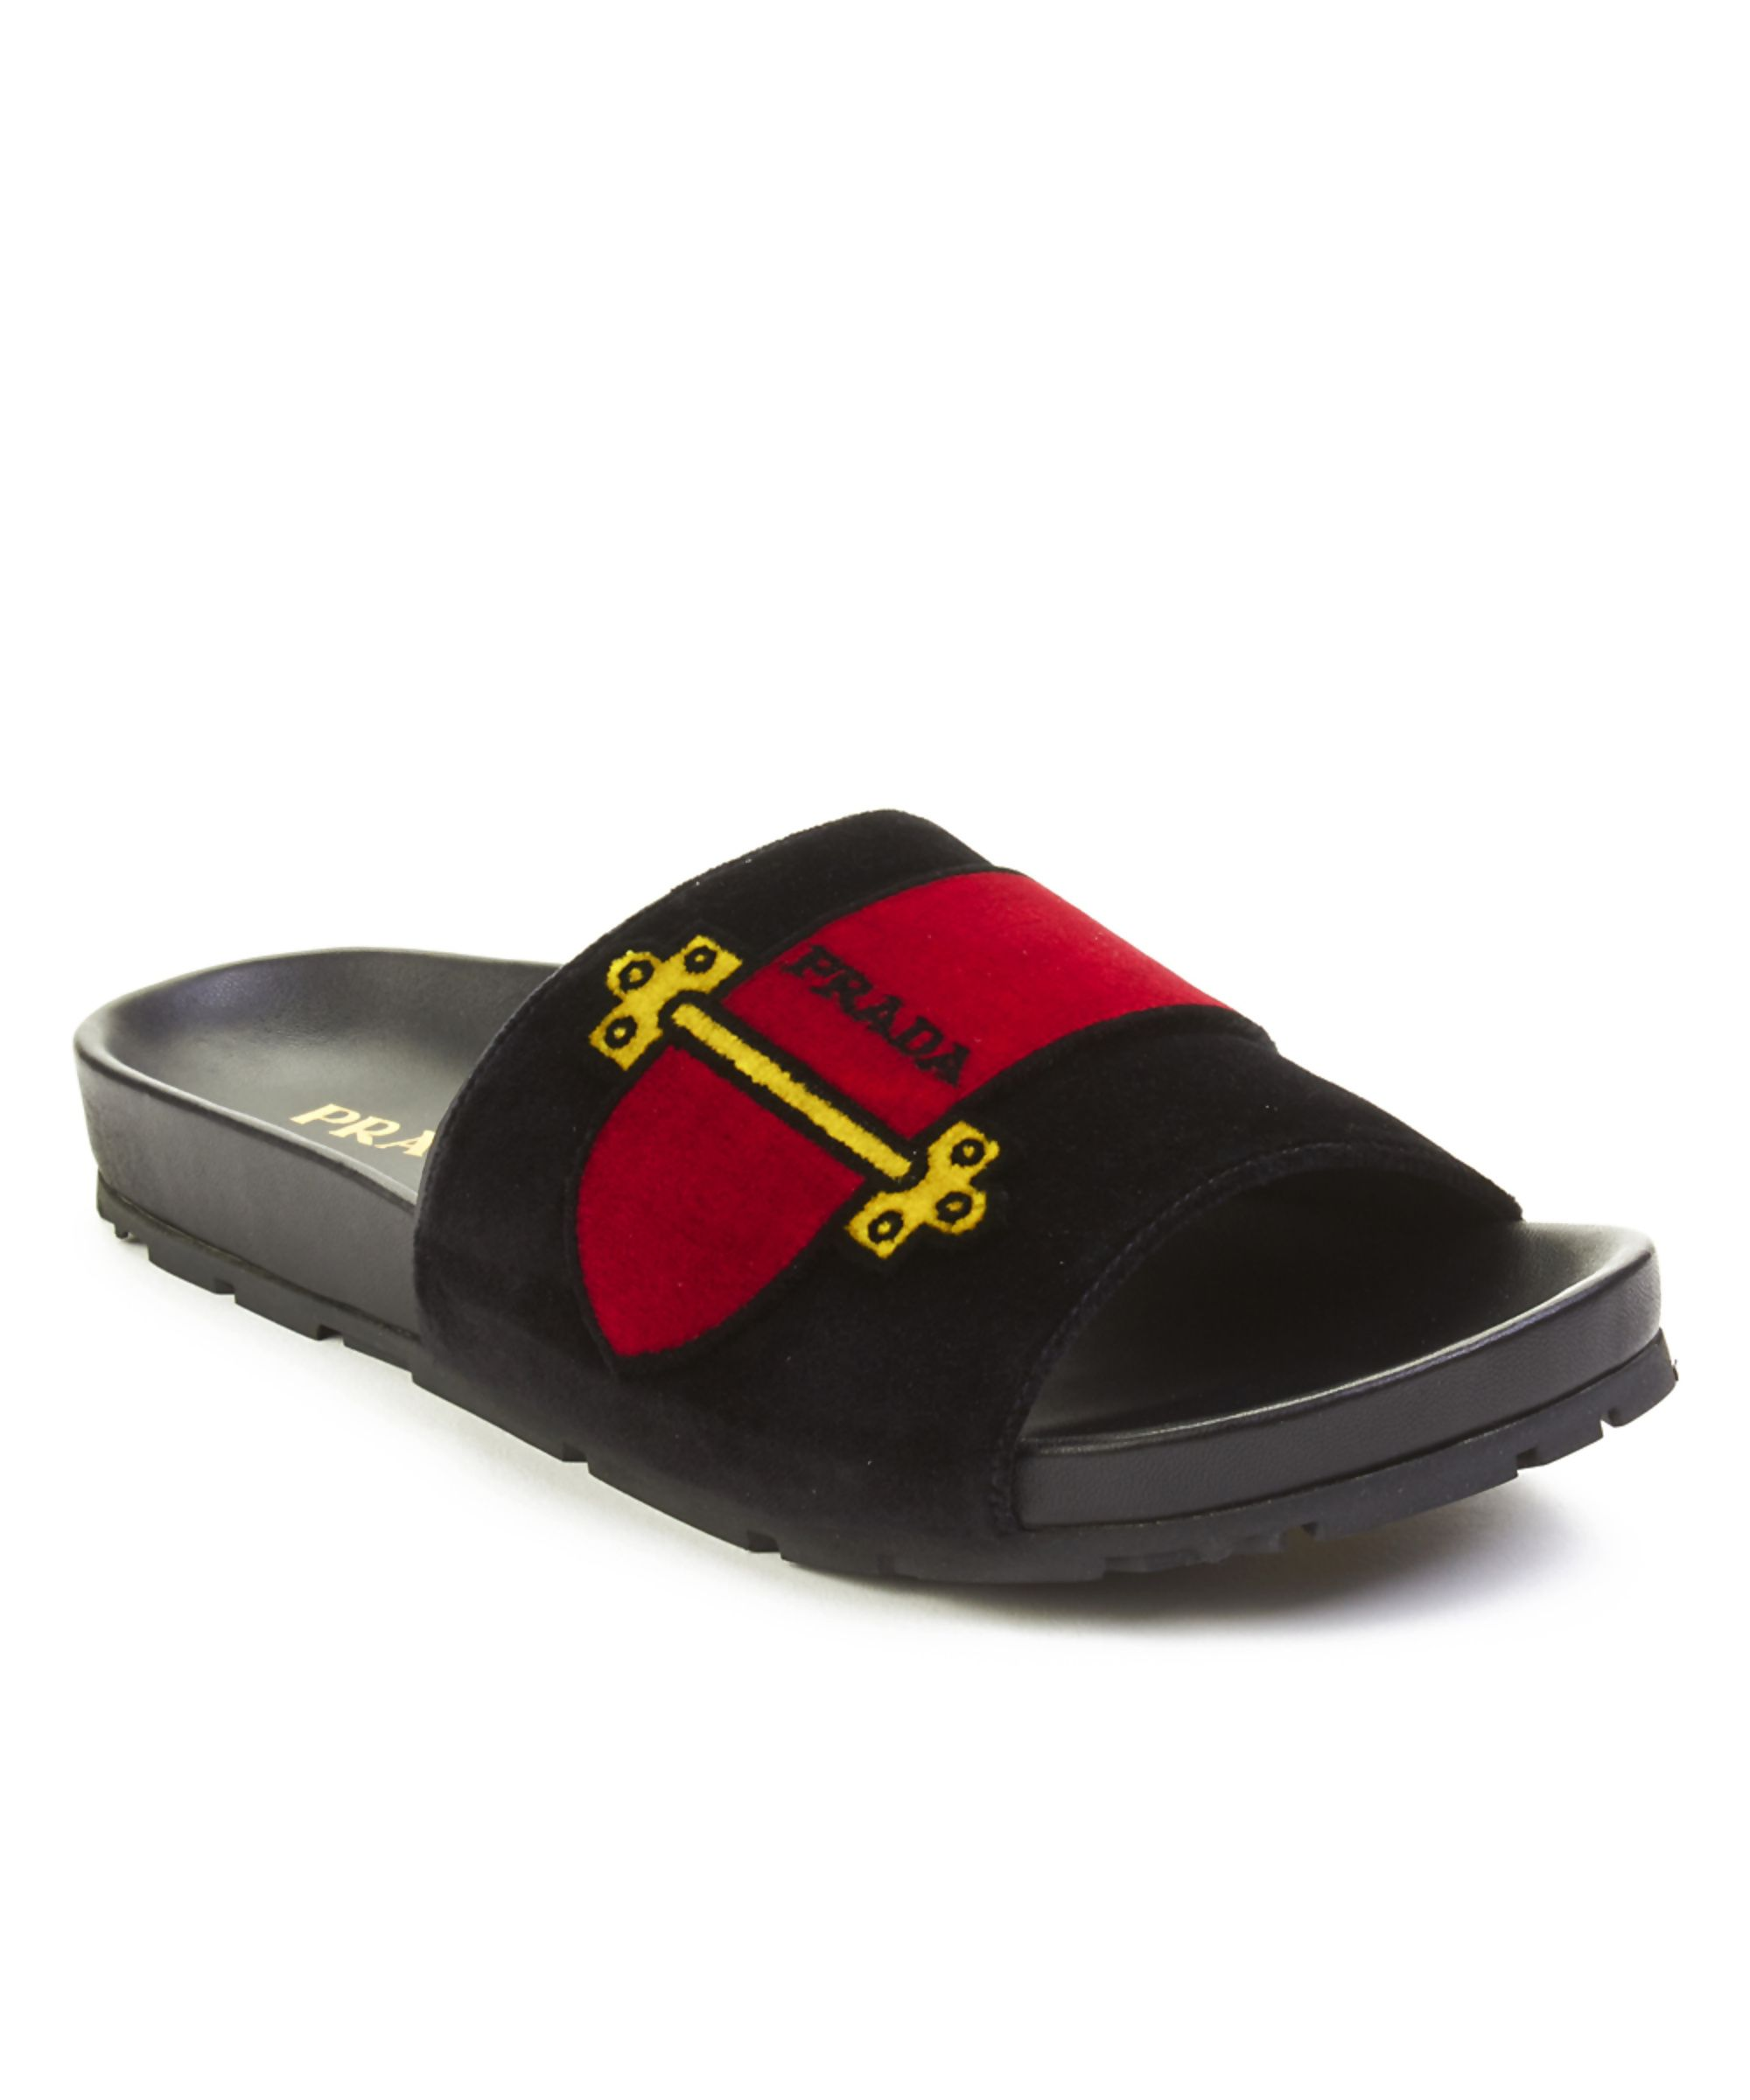 PRADA | Prada Women\'s Leather Velvet Slide Sandal Shoes Black #Shoes ...